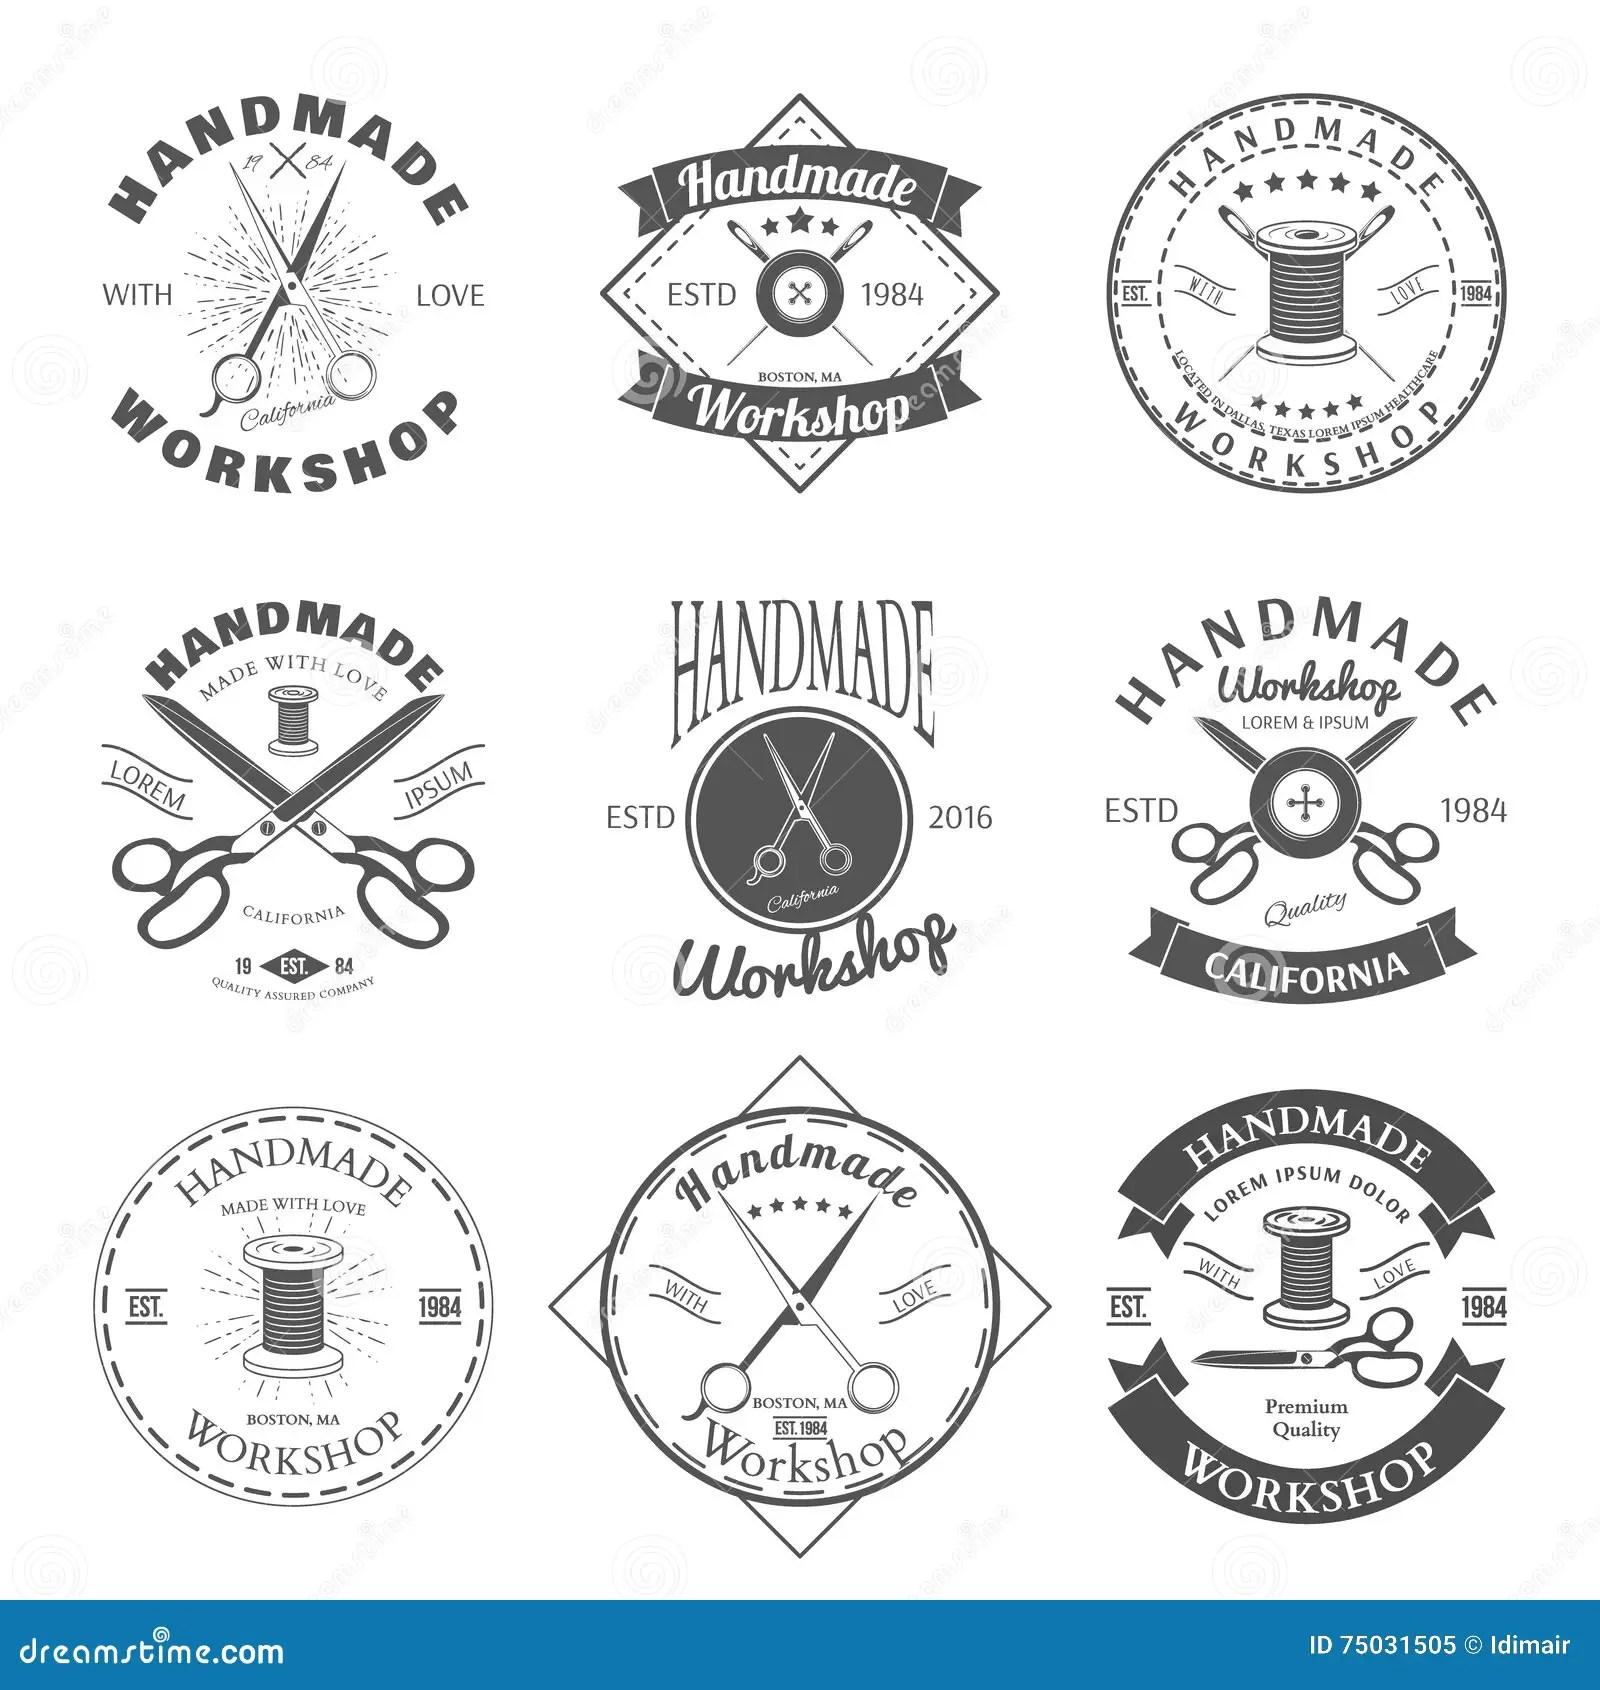 Handmade Workshop Logo Vintage Vector Set Hipster And